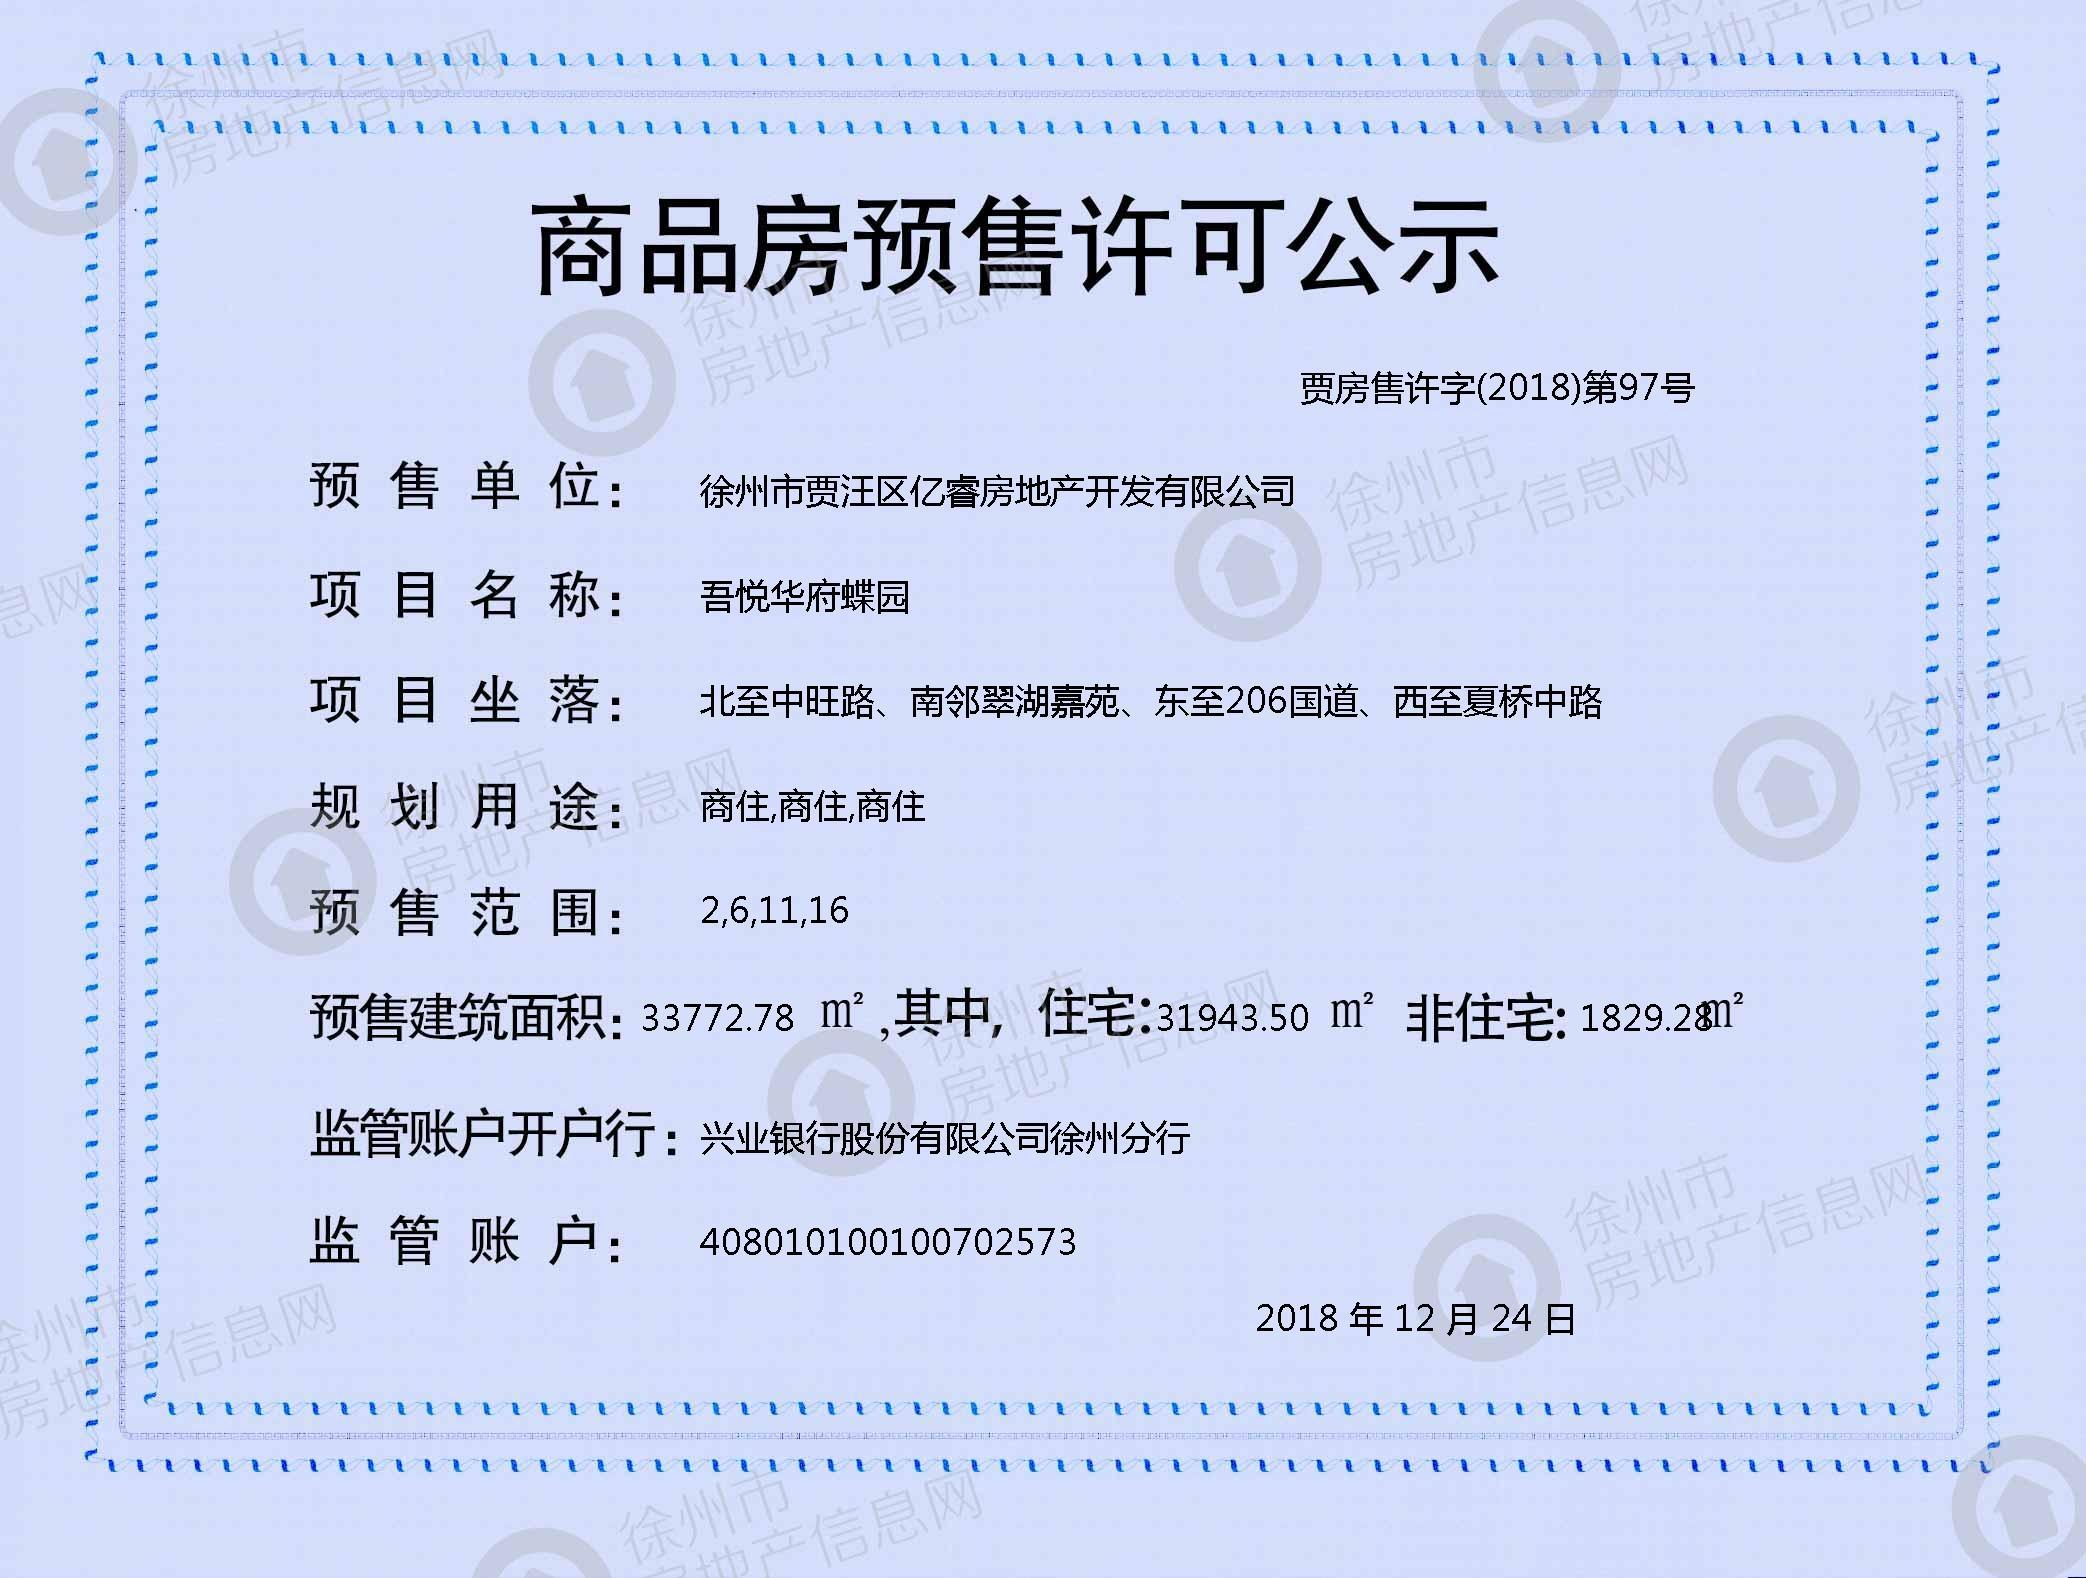 徐州吾悦广场预售证信息(2、6、11、16#楼)